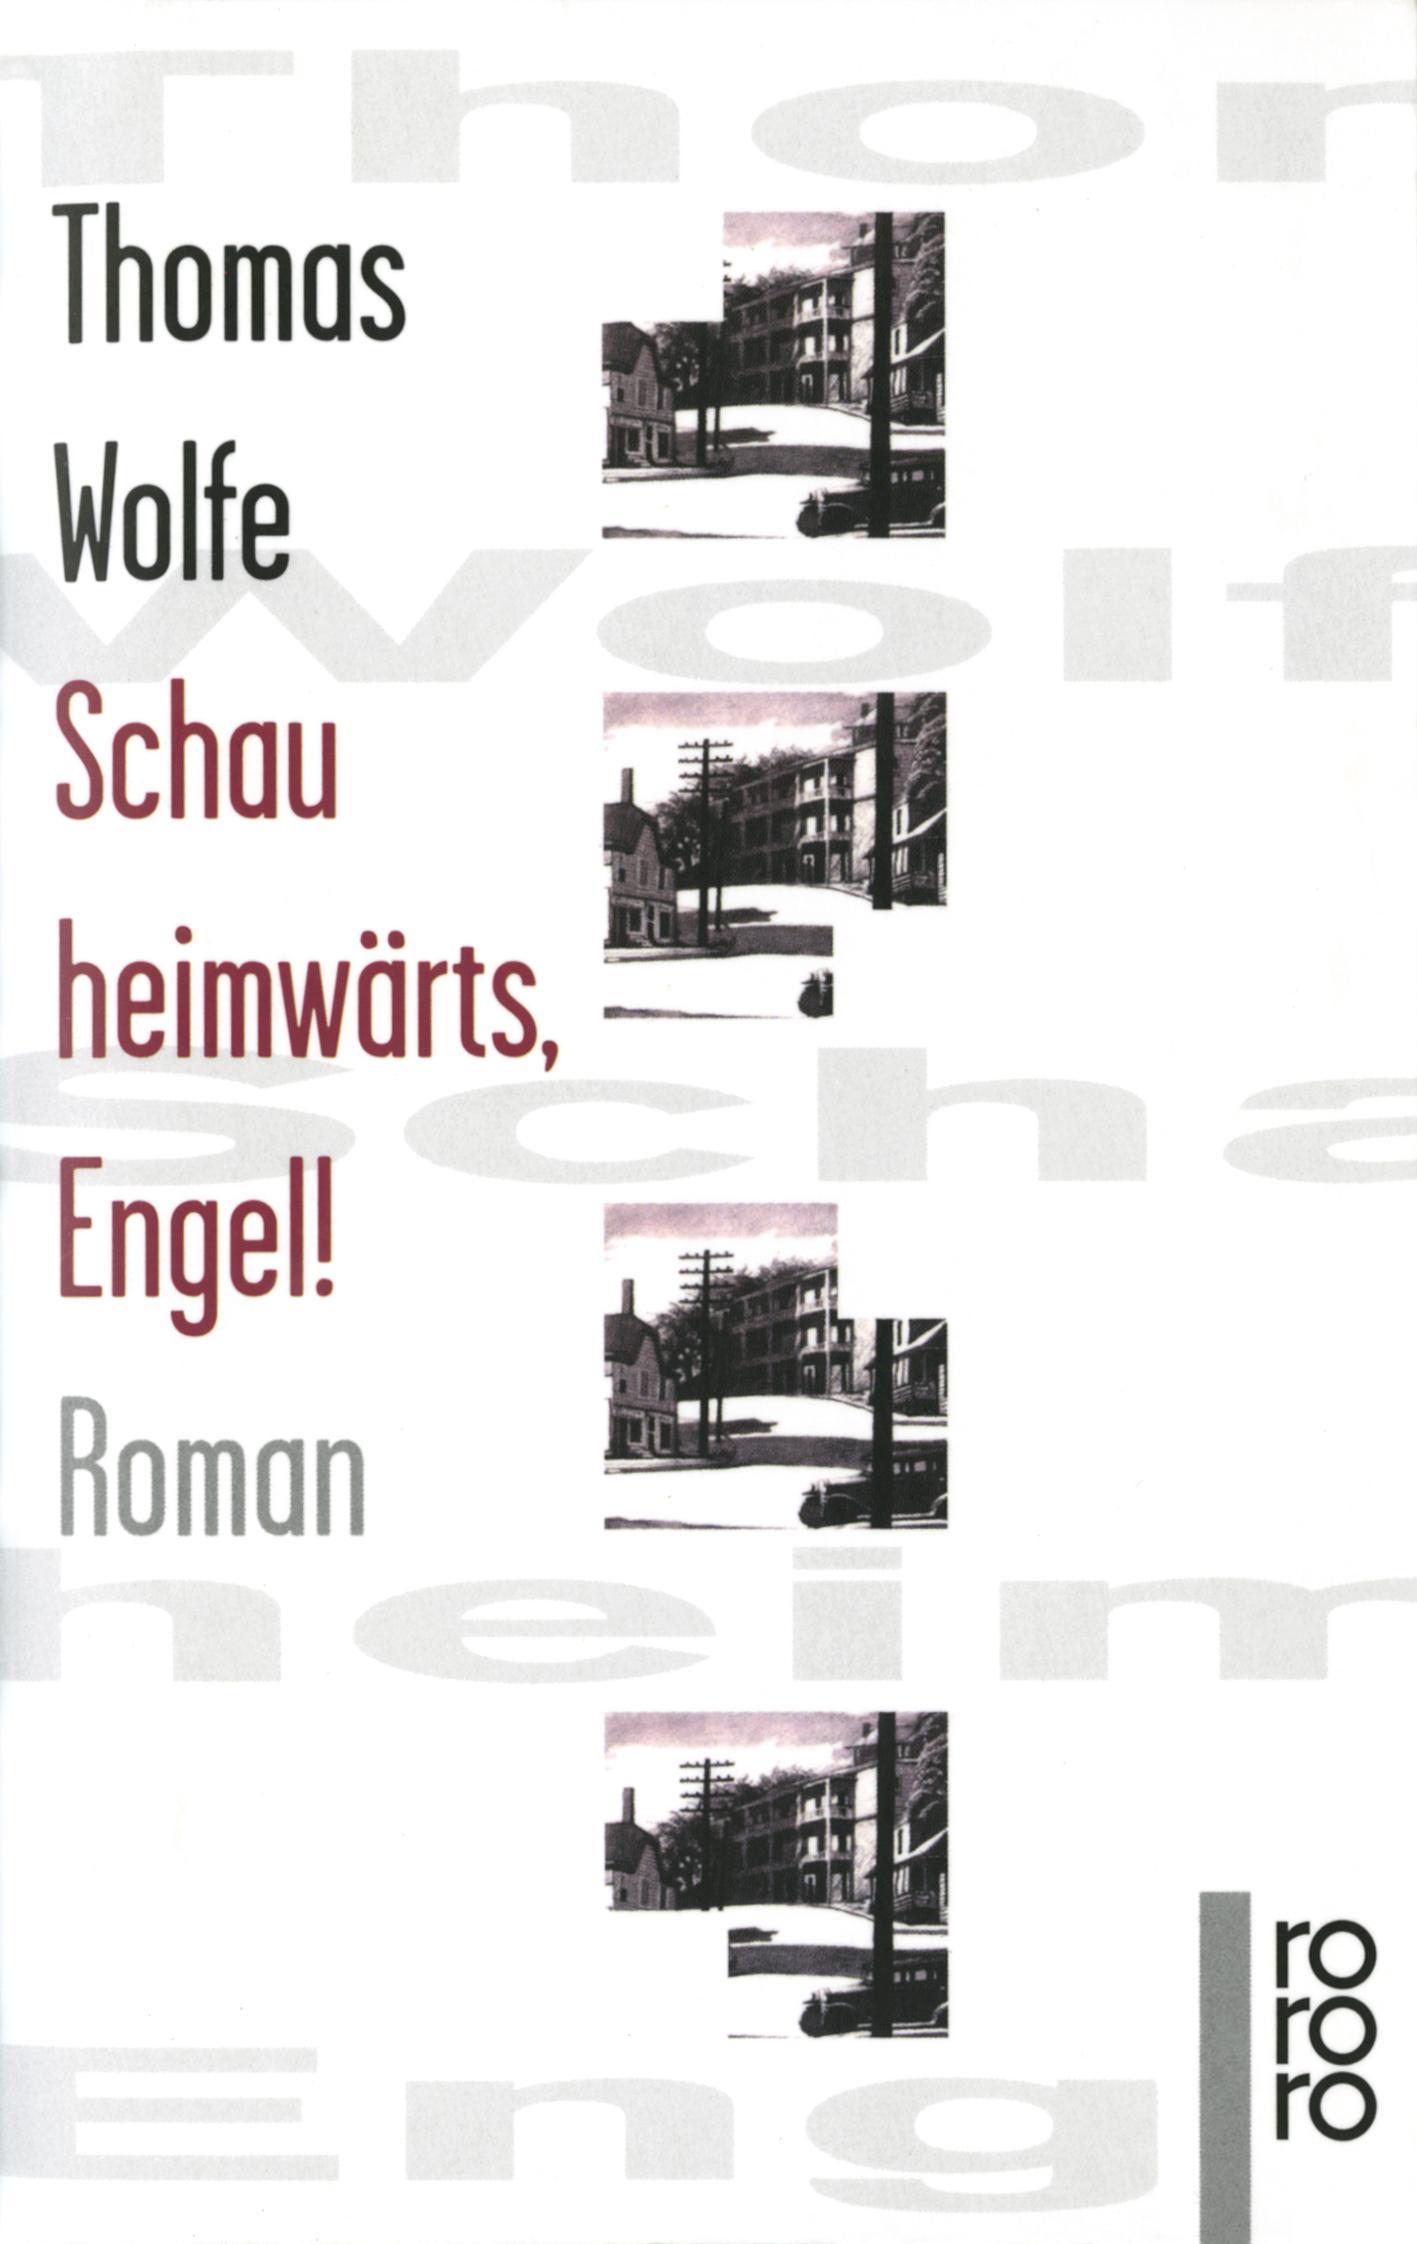 Schau-heimwaerts-Engel-Thomas-Wolfe